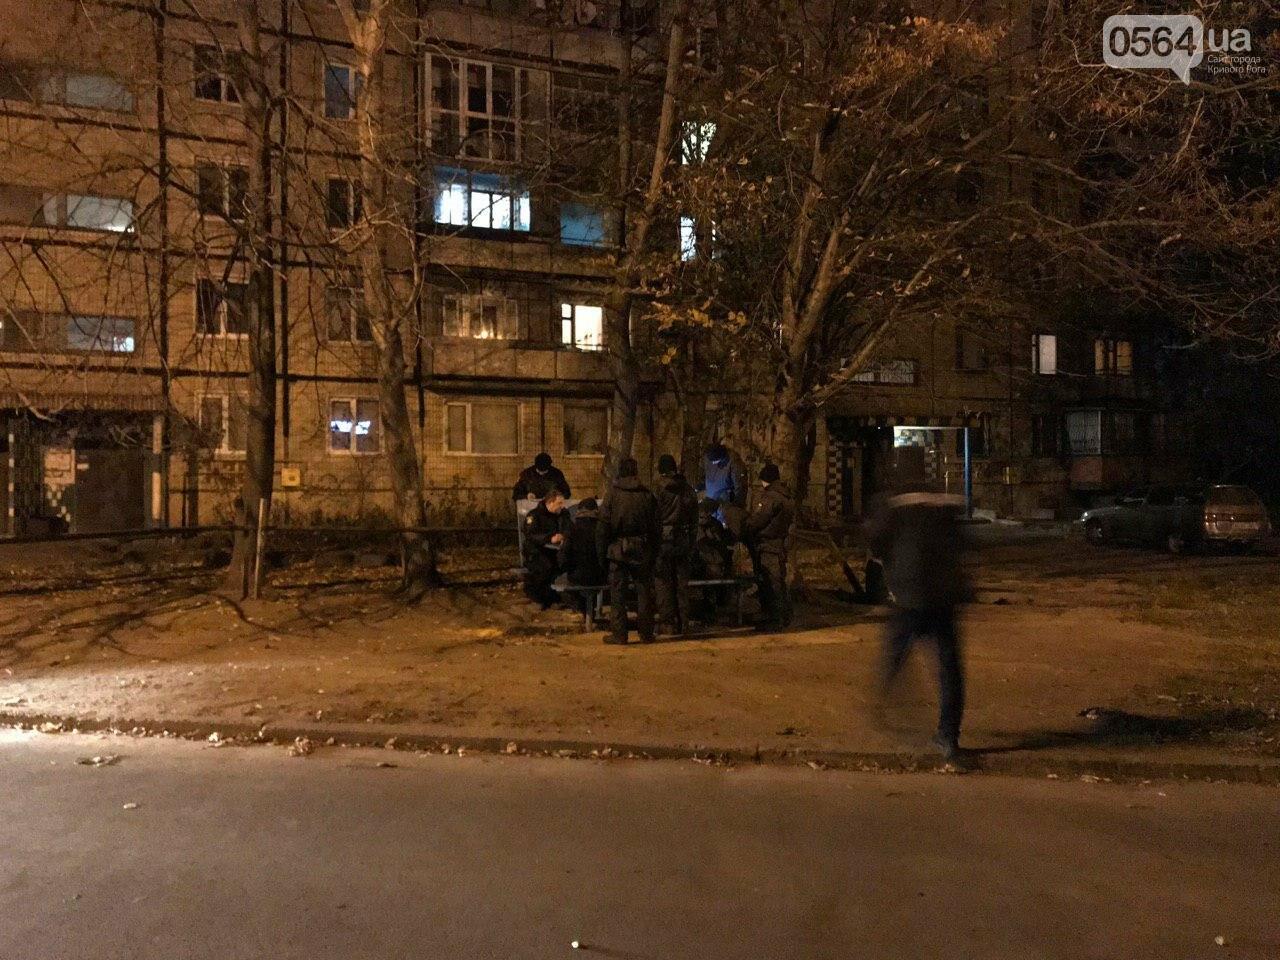 """""""Чувак нашел закладку и мы его задержали"""": криворожане стали очевидцами задержания наркозависимого, - ФОТО , фото-6"""